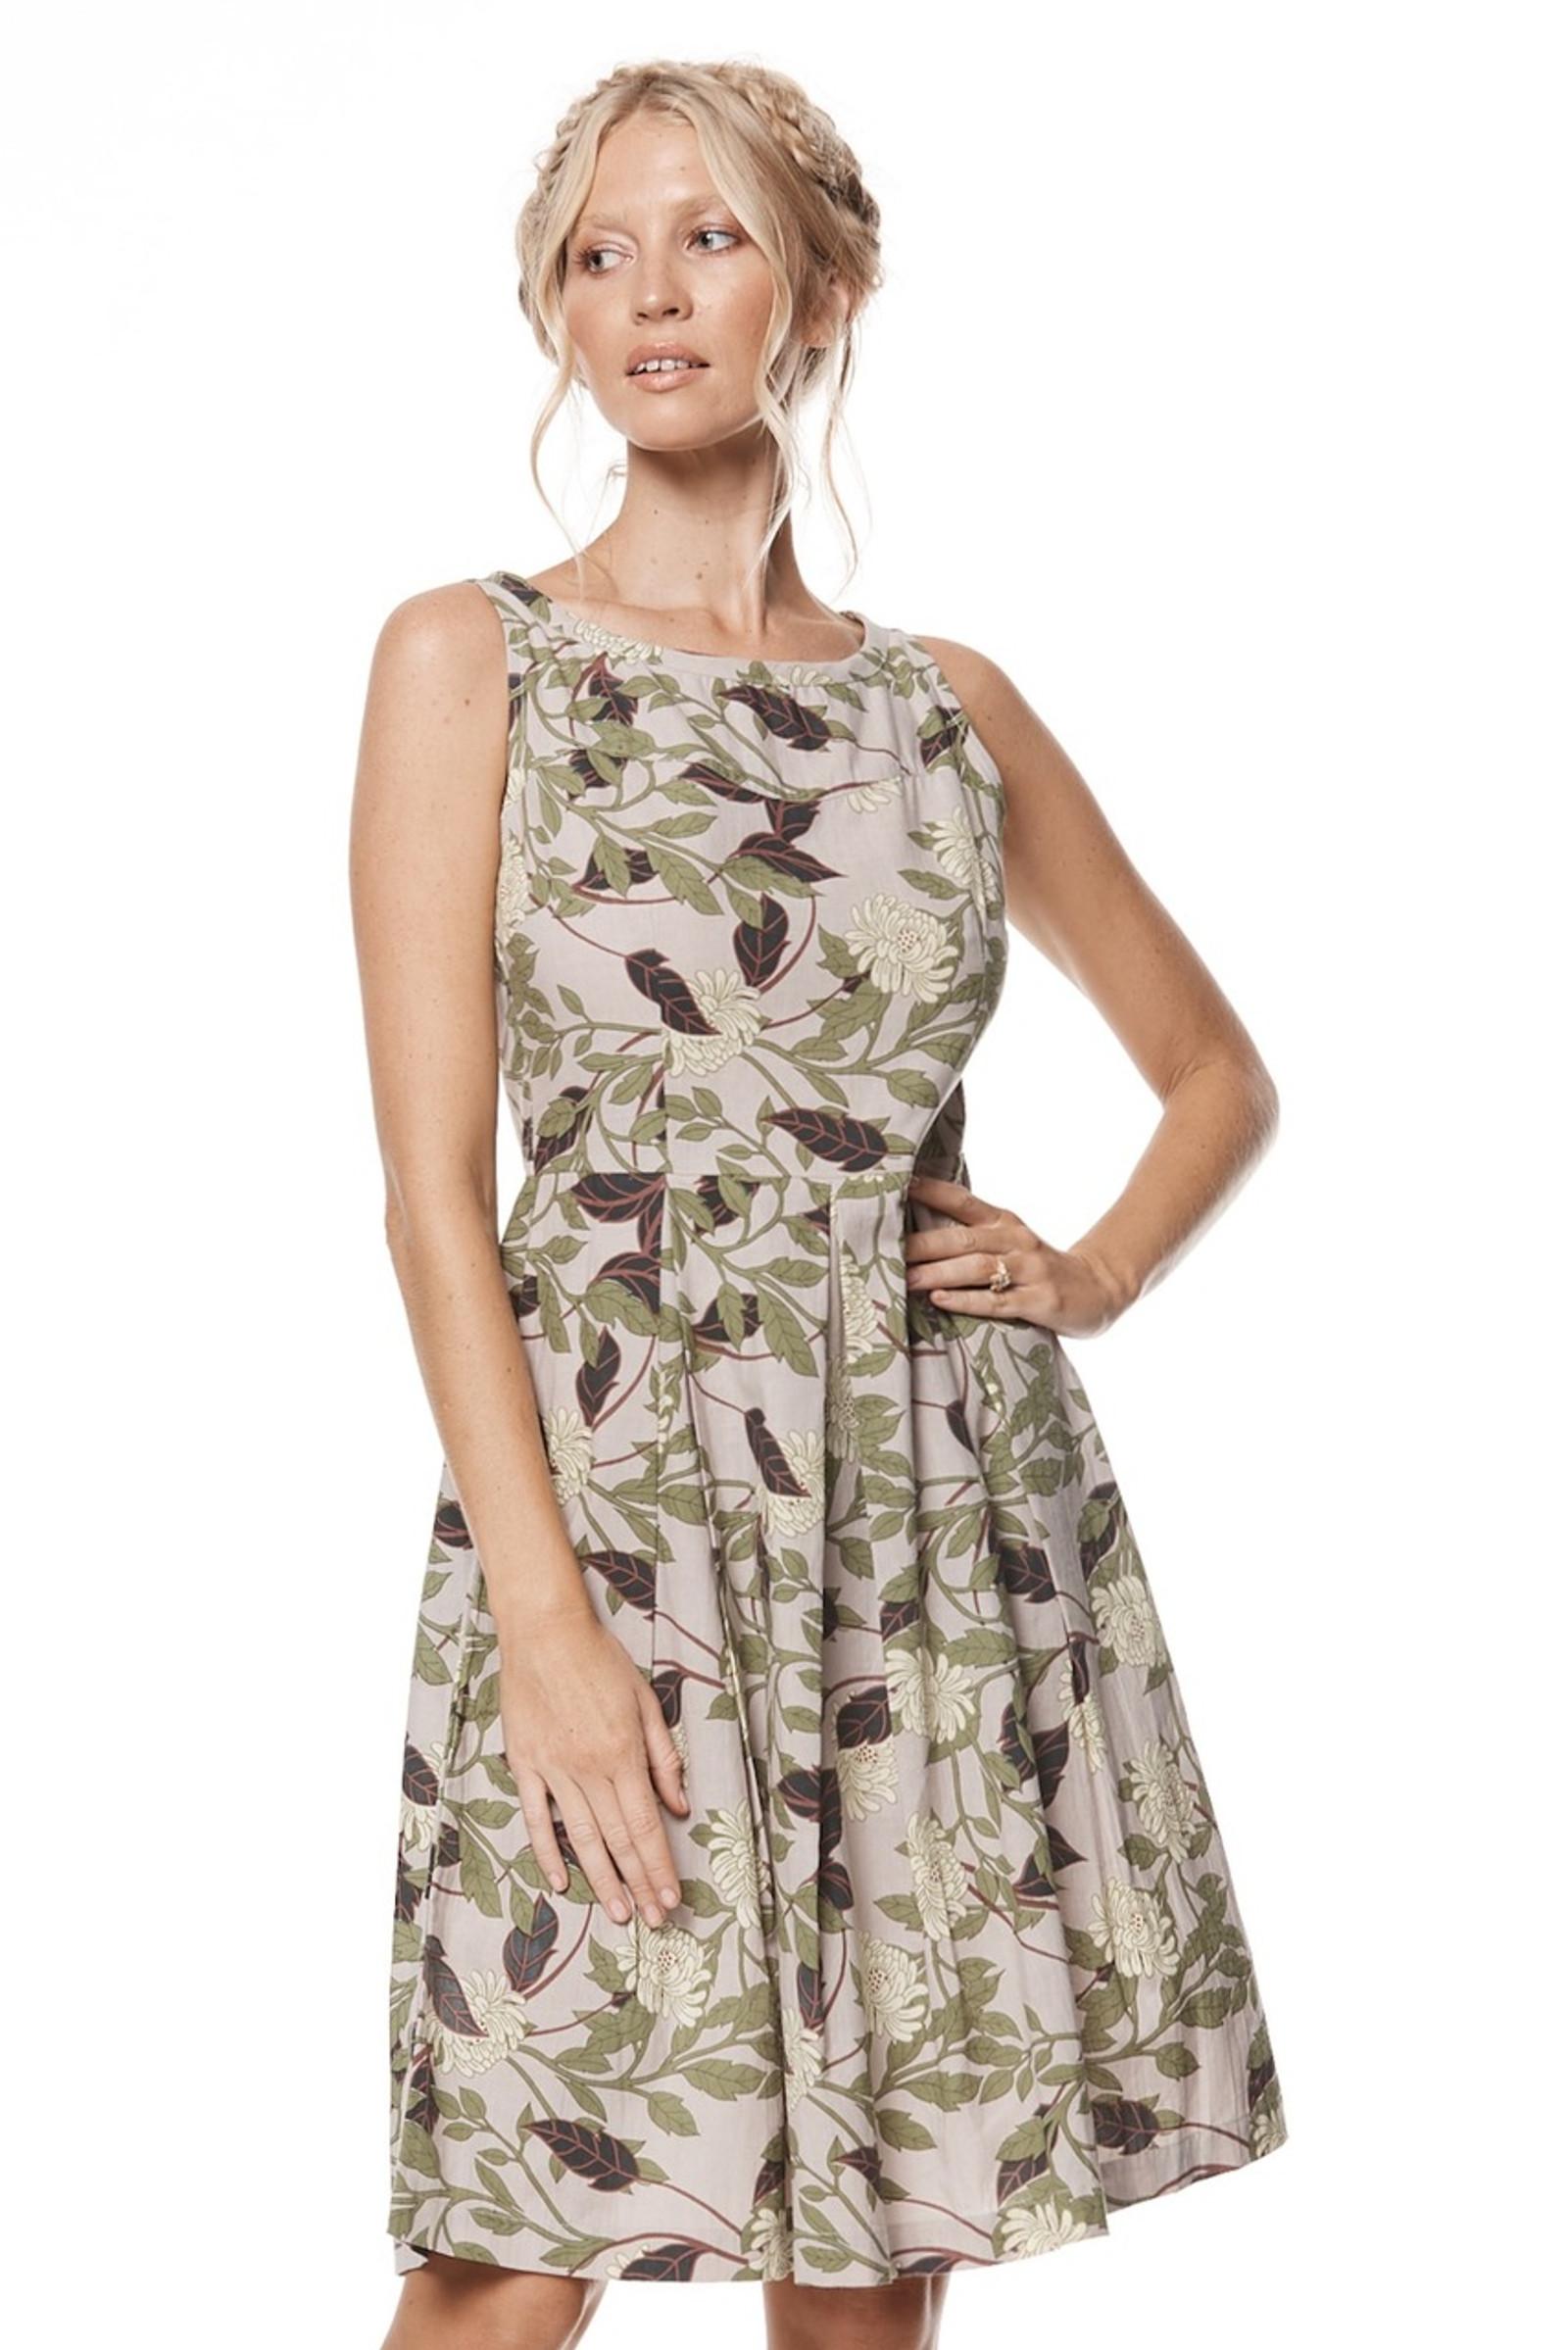 April Dress - Magnolia